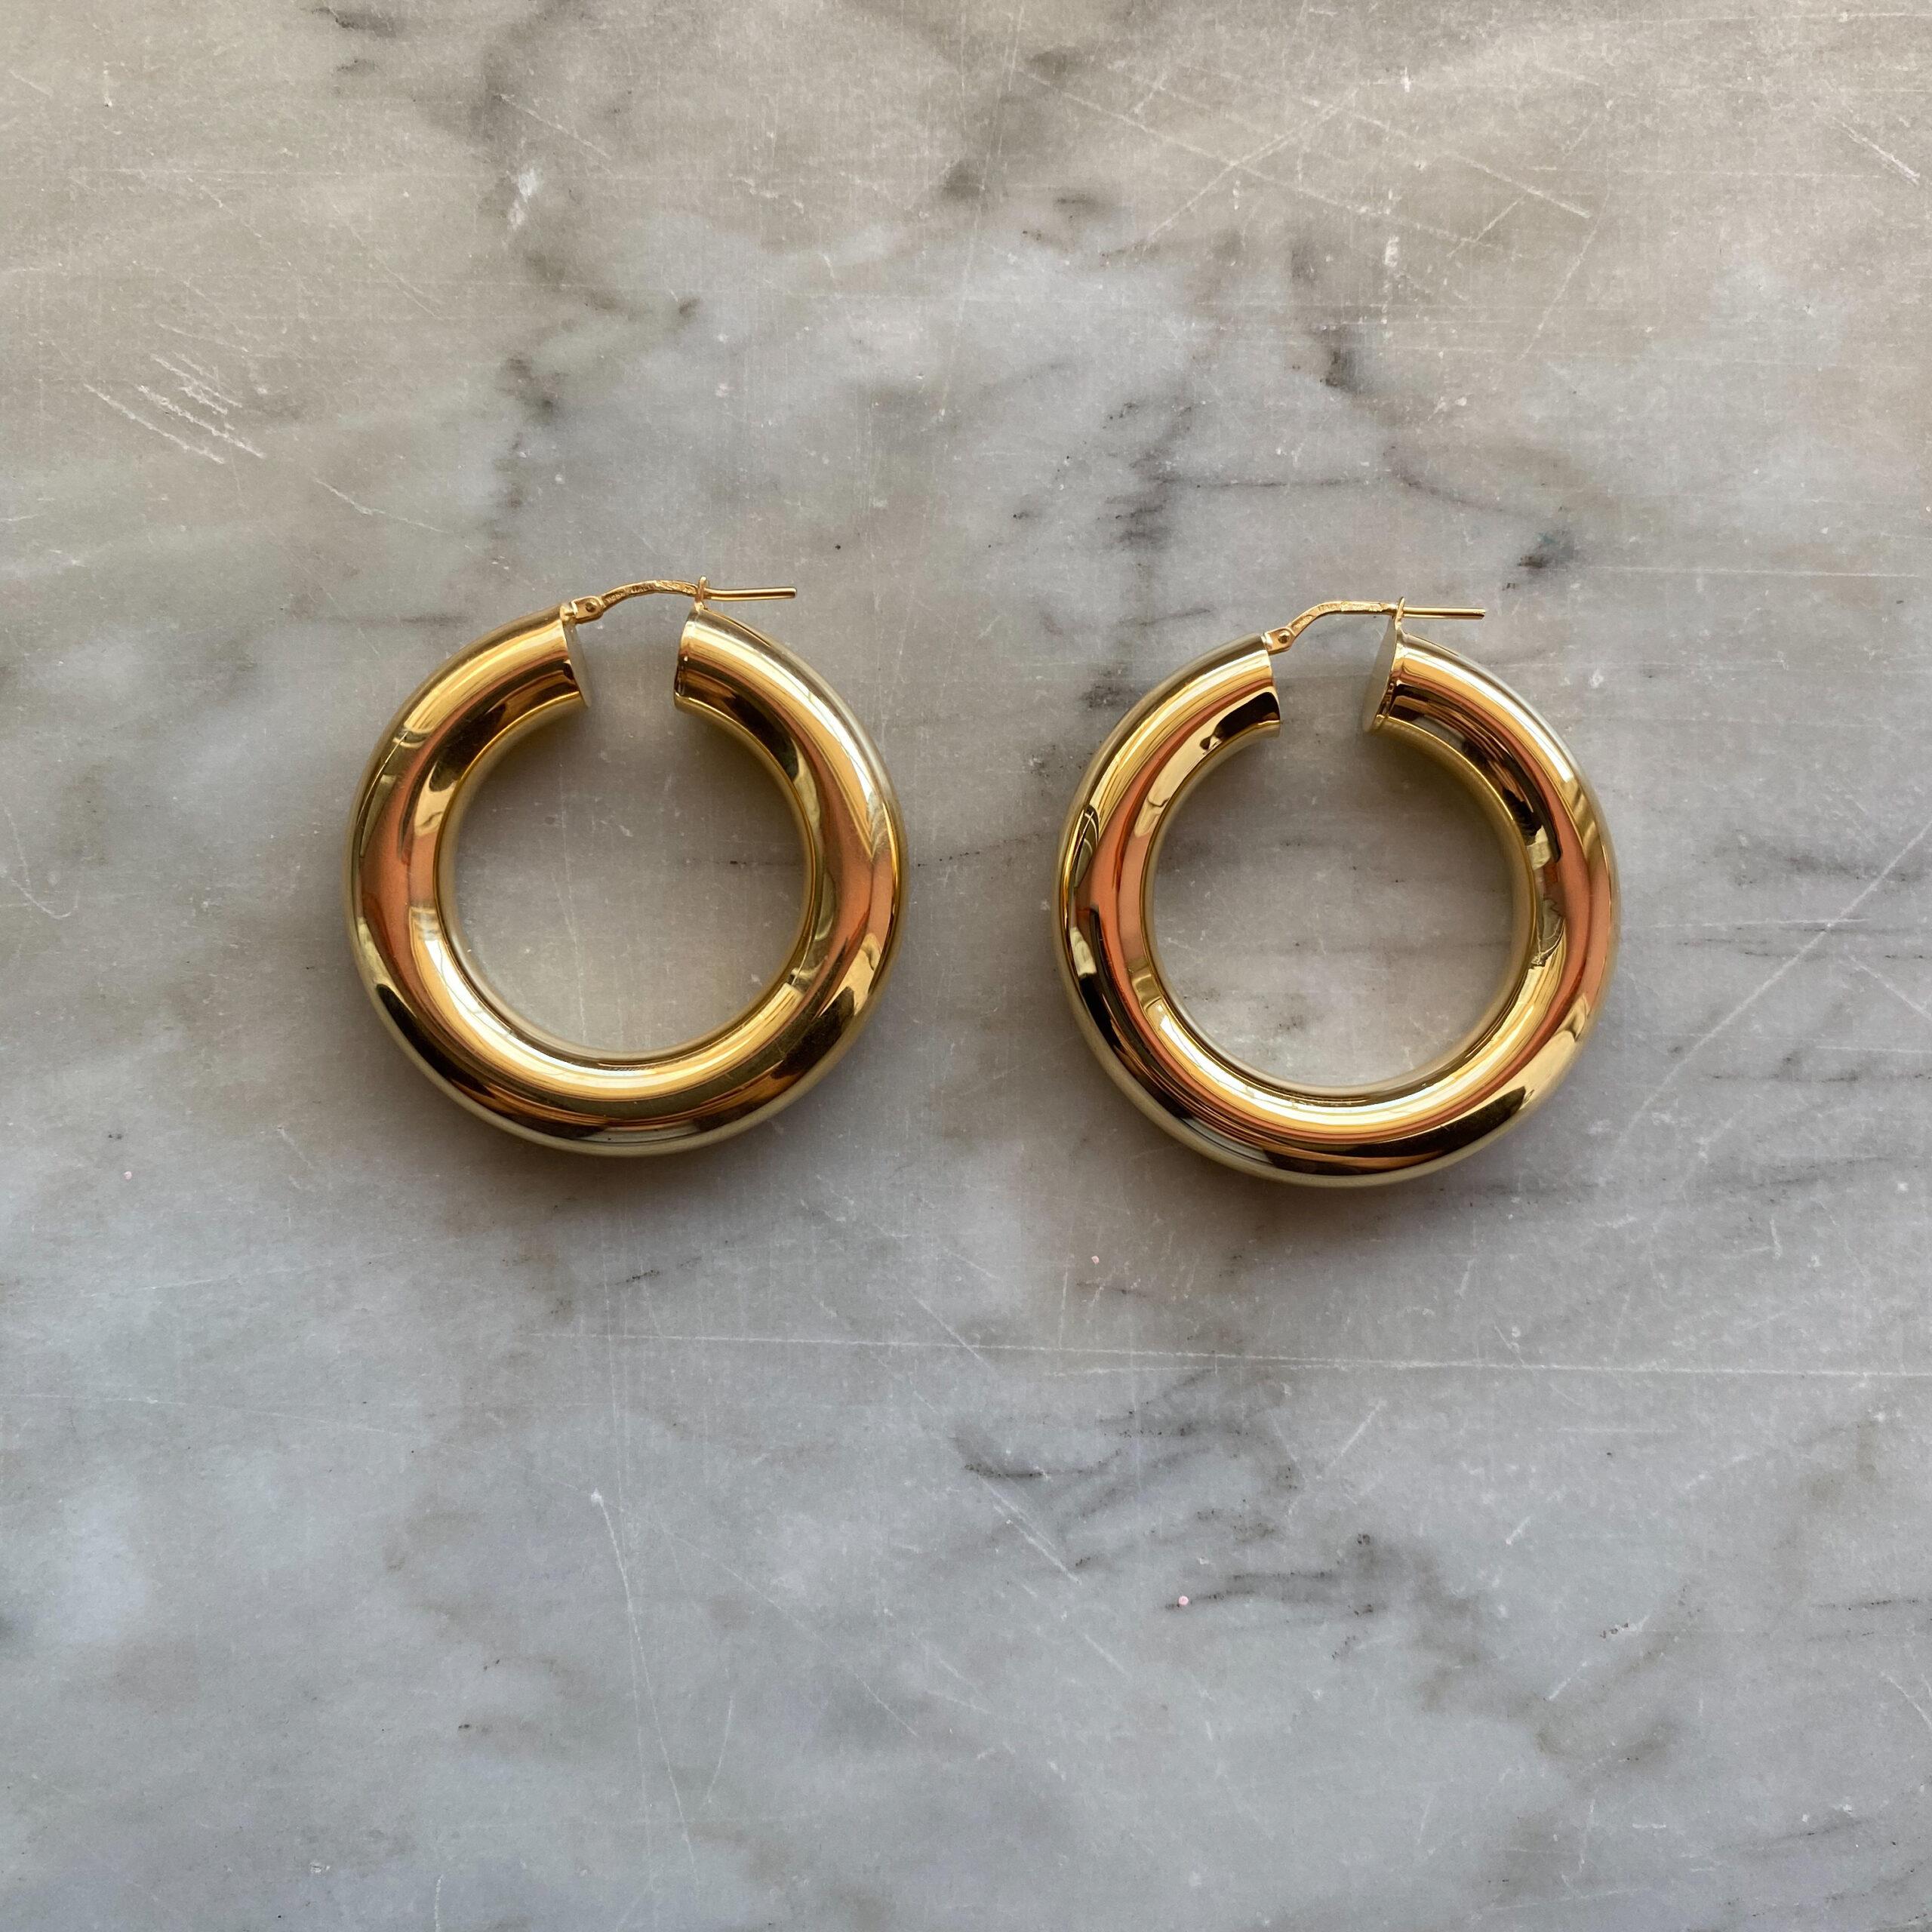 HOOPS TUBULAR GOLD 30